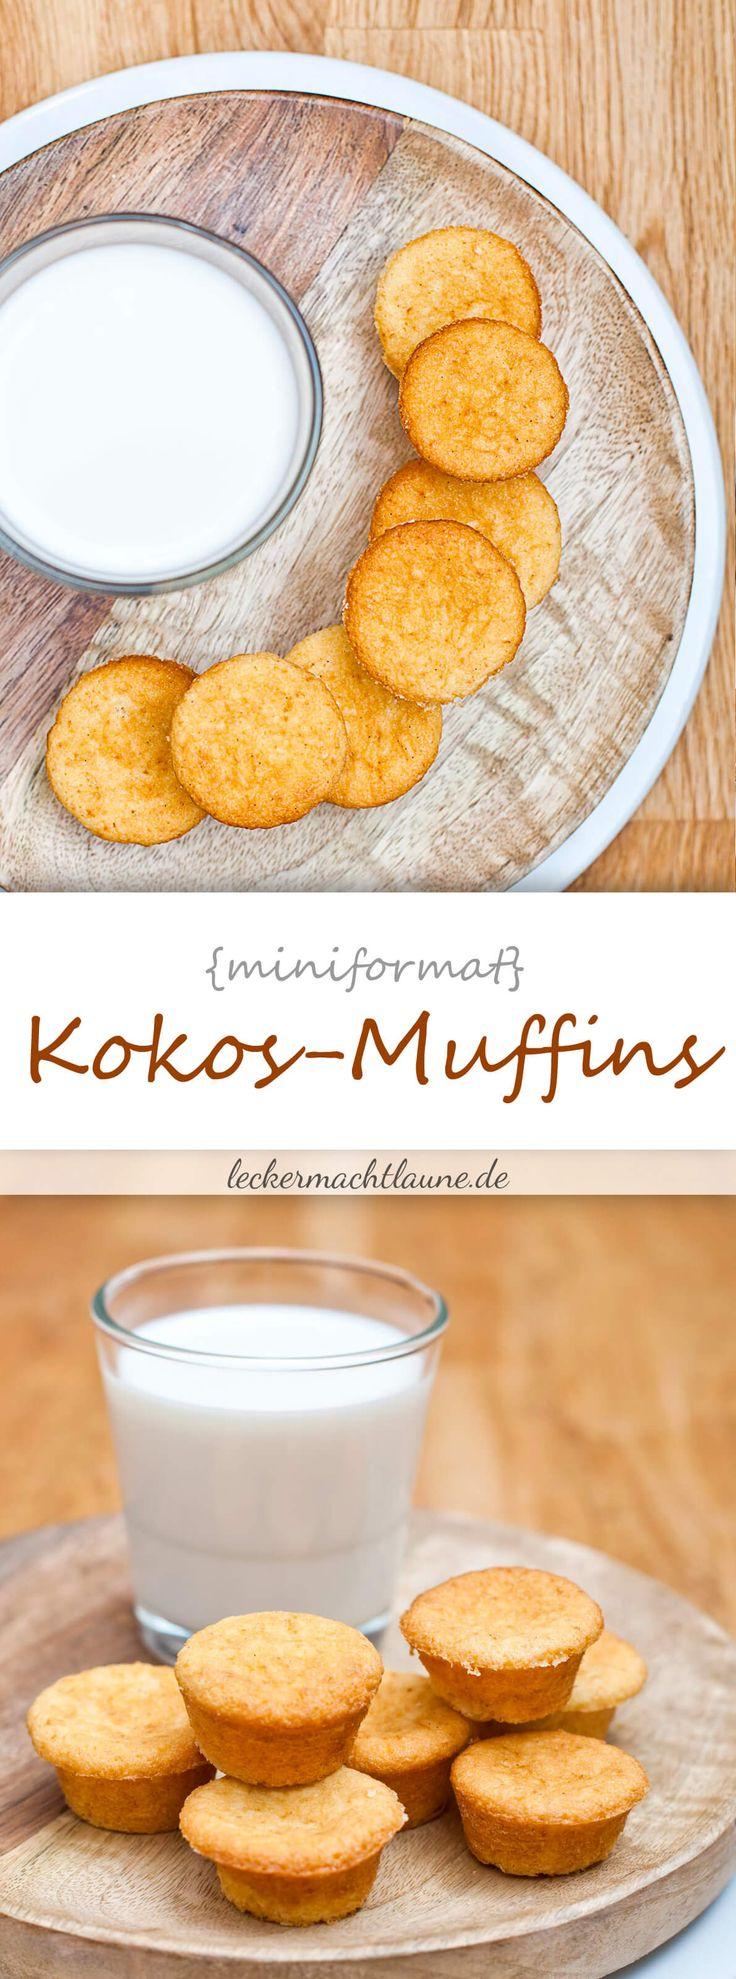 Mini-Kokos-Muffins {frisch aus dem ofen}